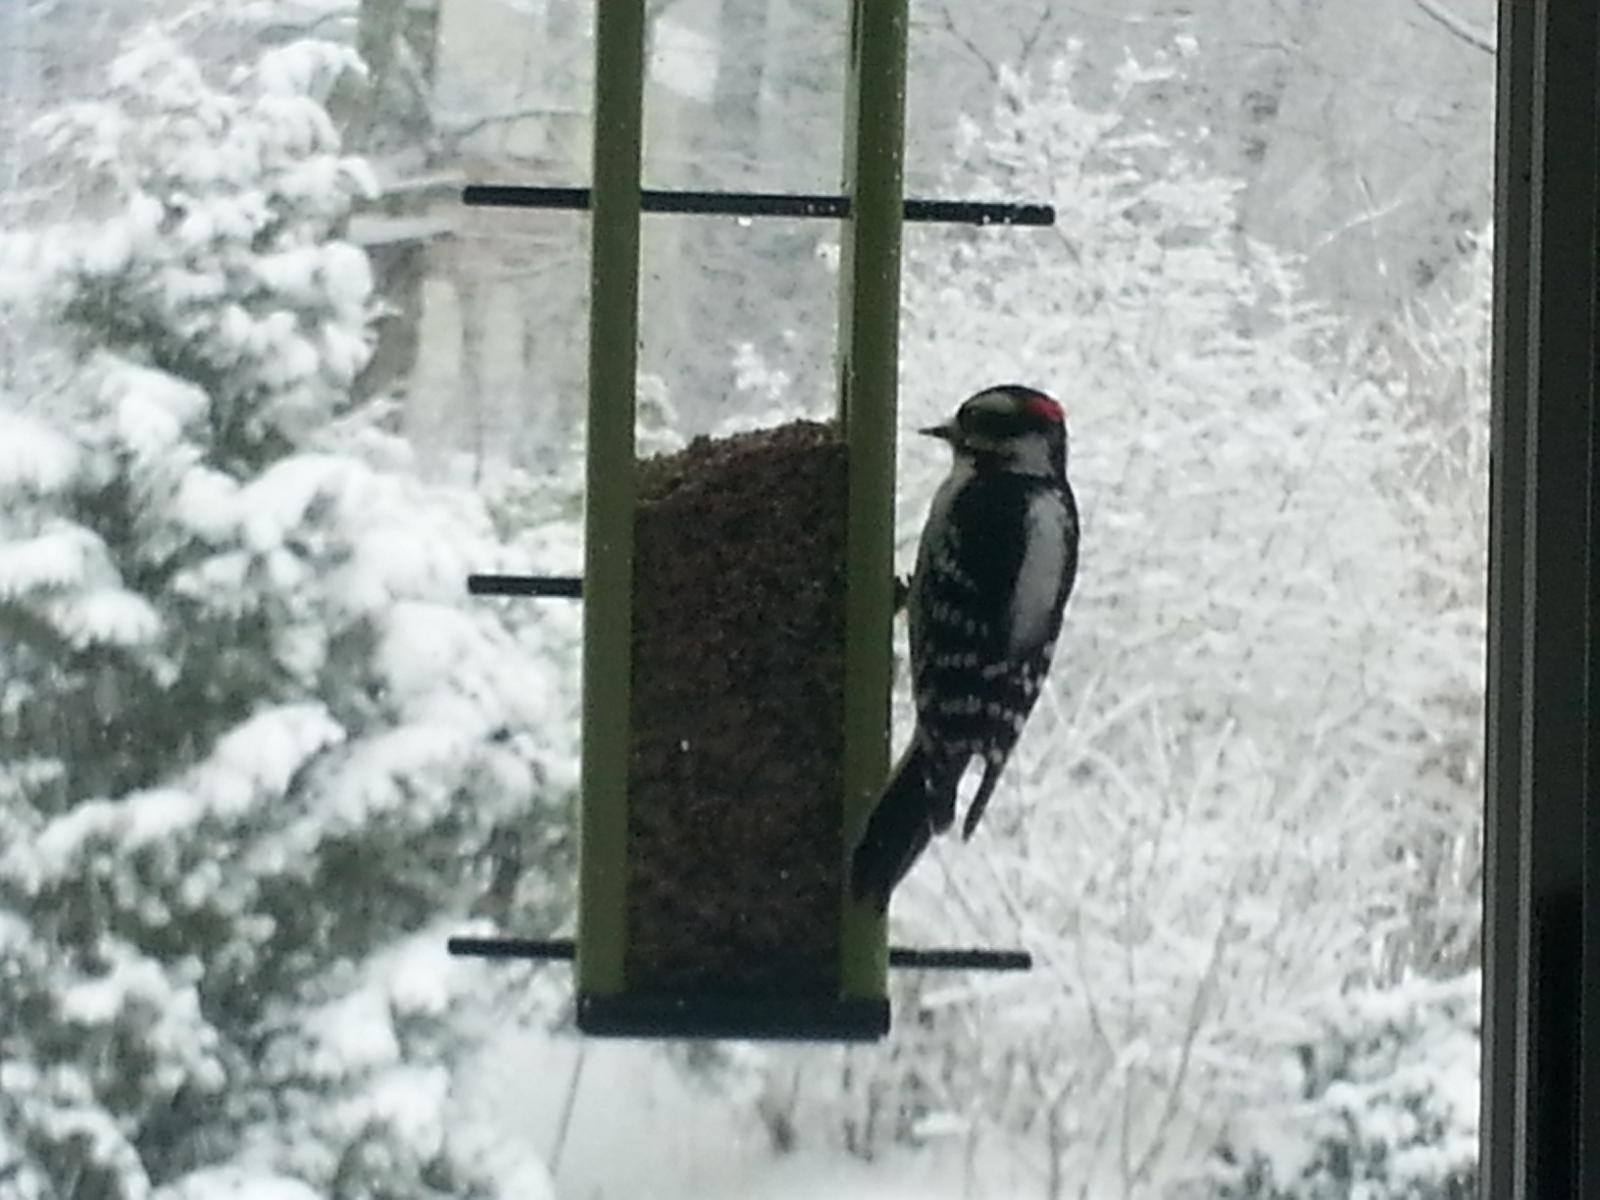 Last snow I hope!-3-5-2015-woodpecker-2.jpg